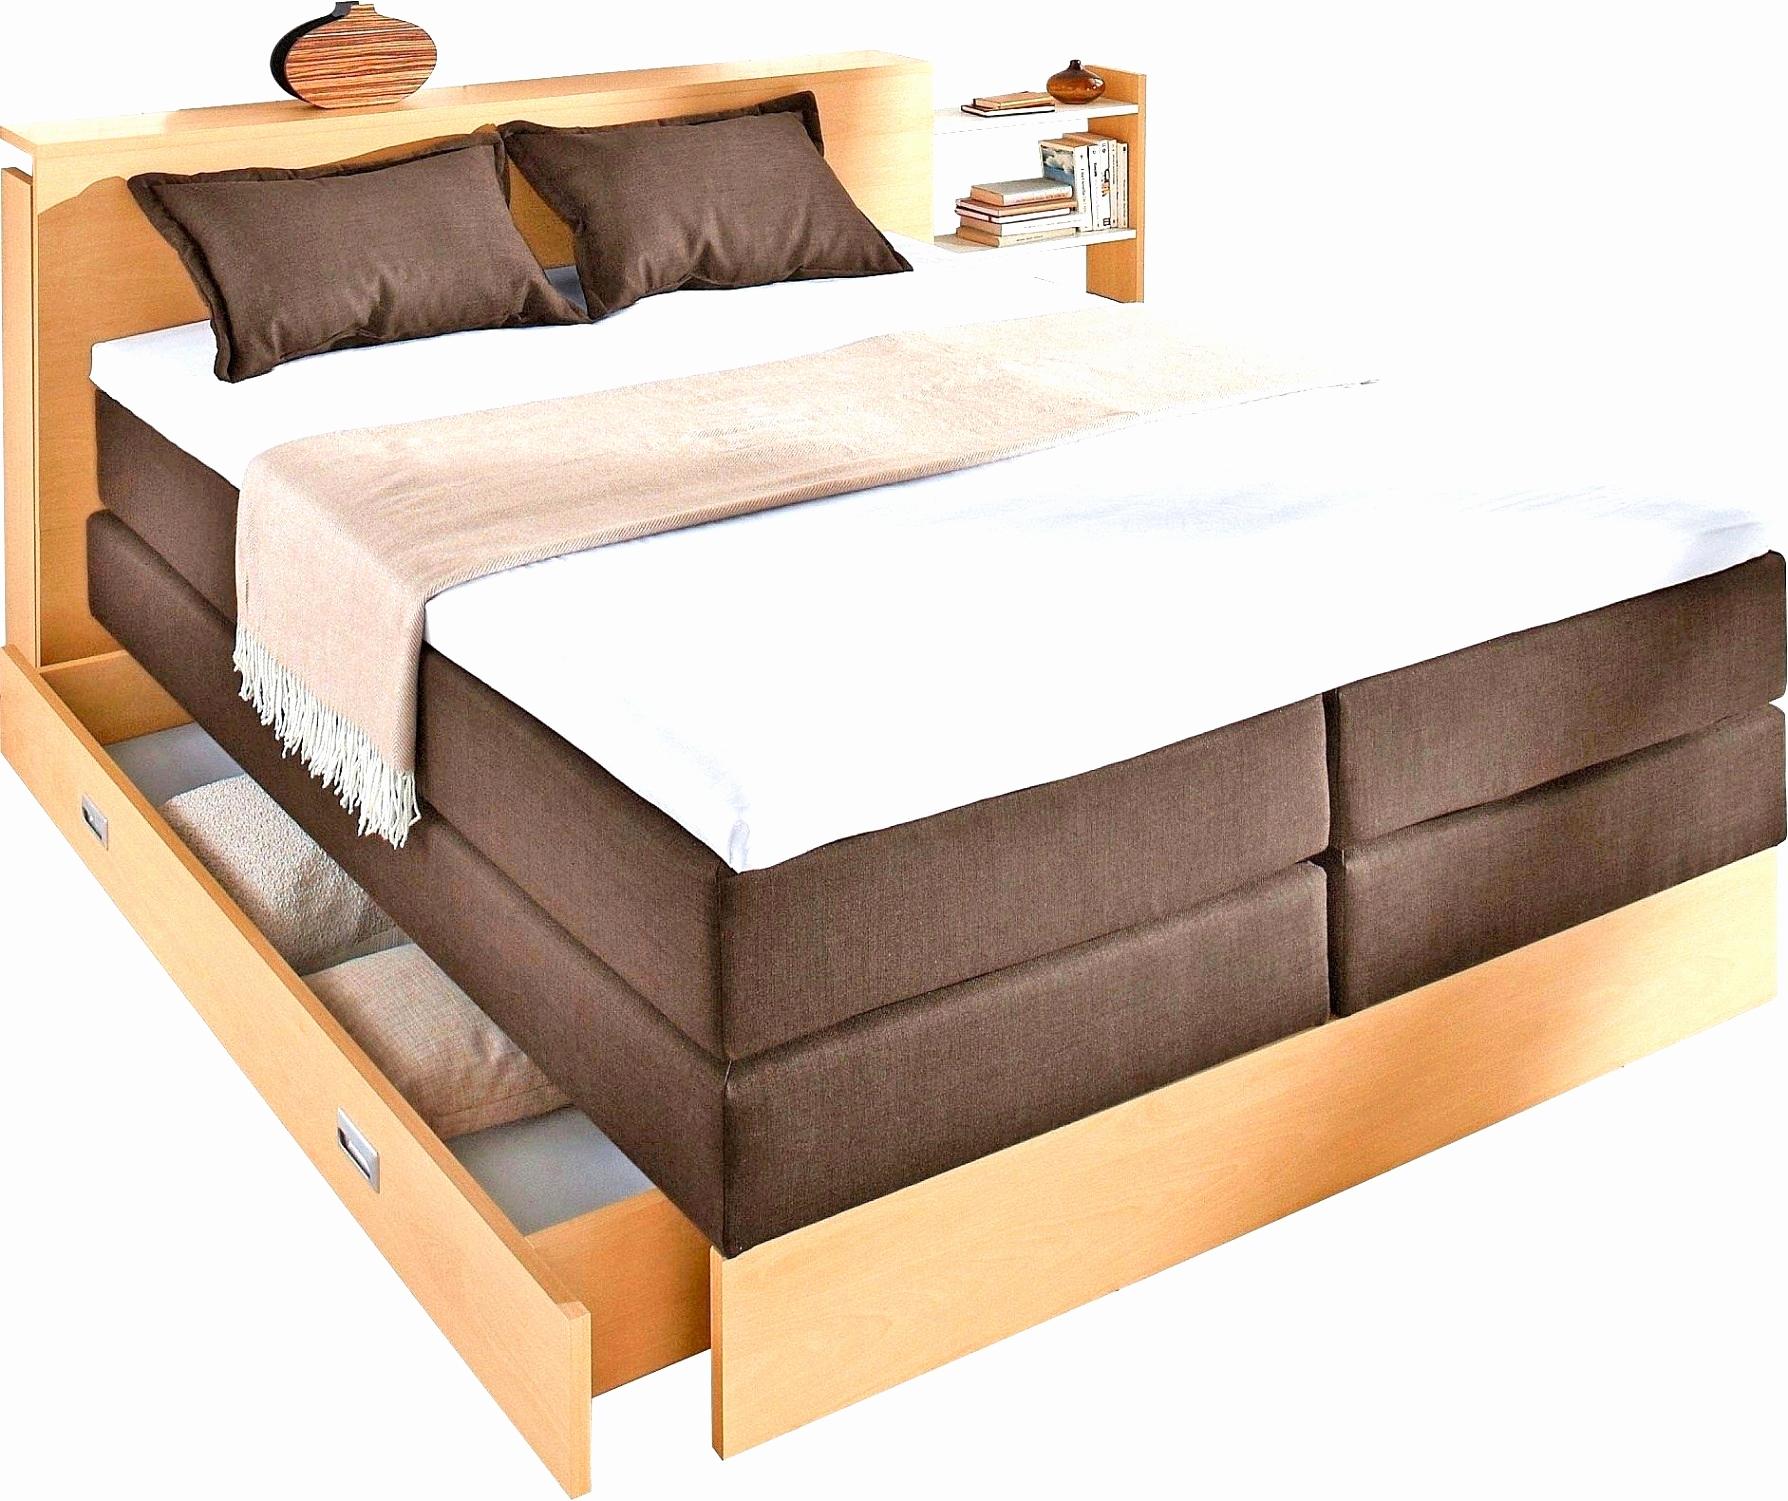 Full Size of Otto Betten 120200 Best Luxus Bett 180 200 Oschmann Günstig Kaufen 180x200 Ottoversand Günstige 140x200 Designer Hohe Teenager Musterring Kopfteile Für Aus Bett Betten 120x200